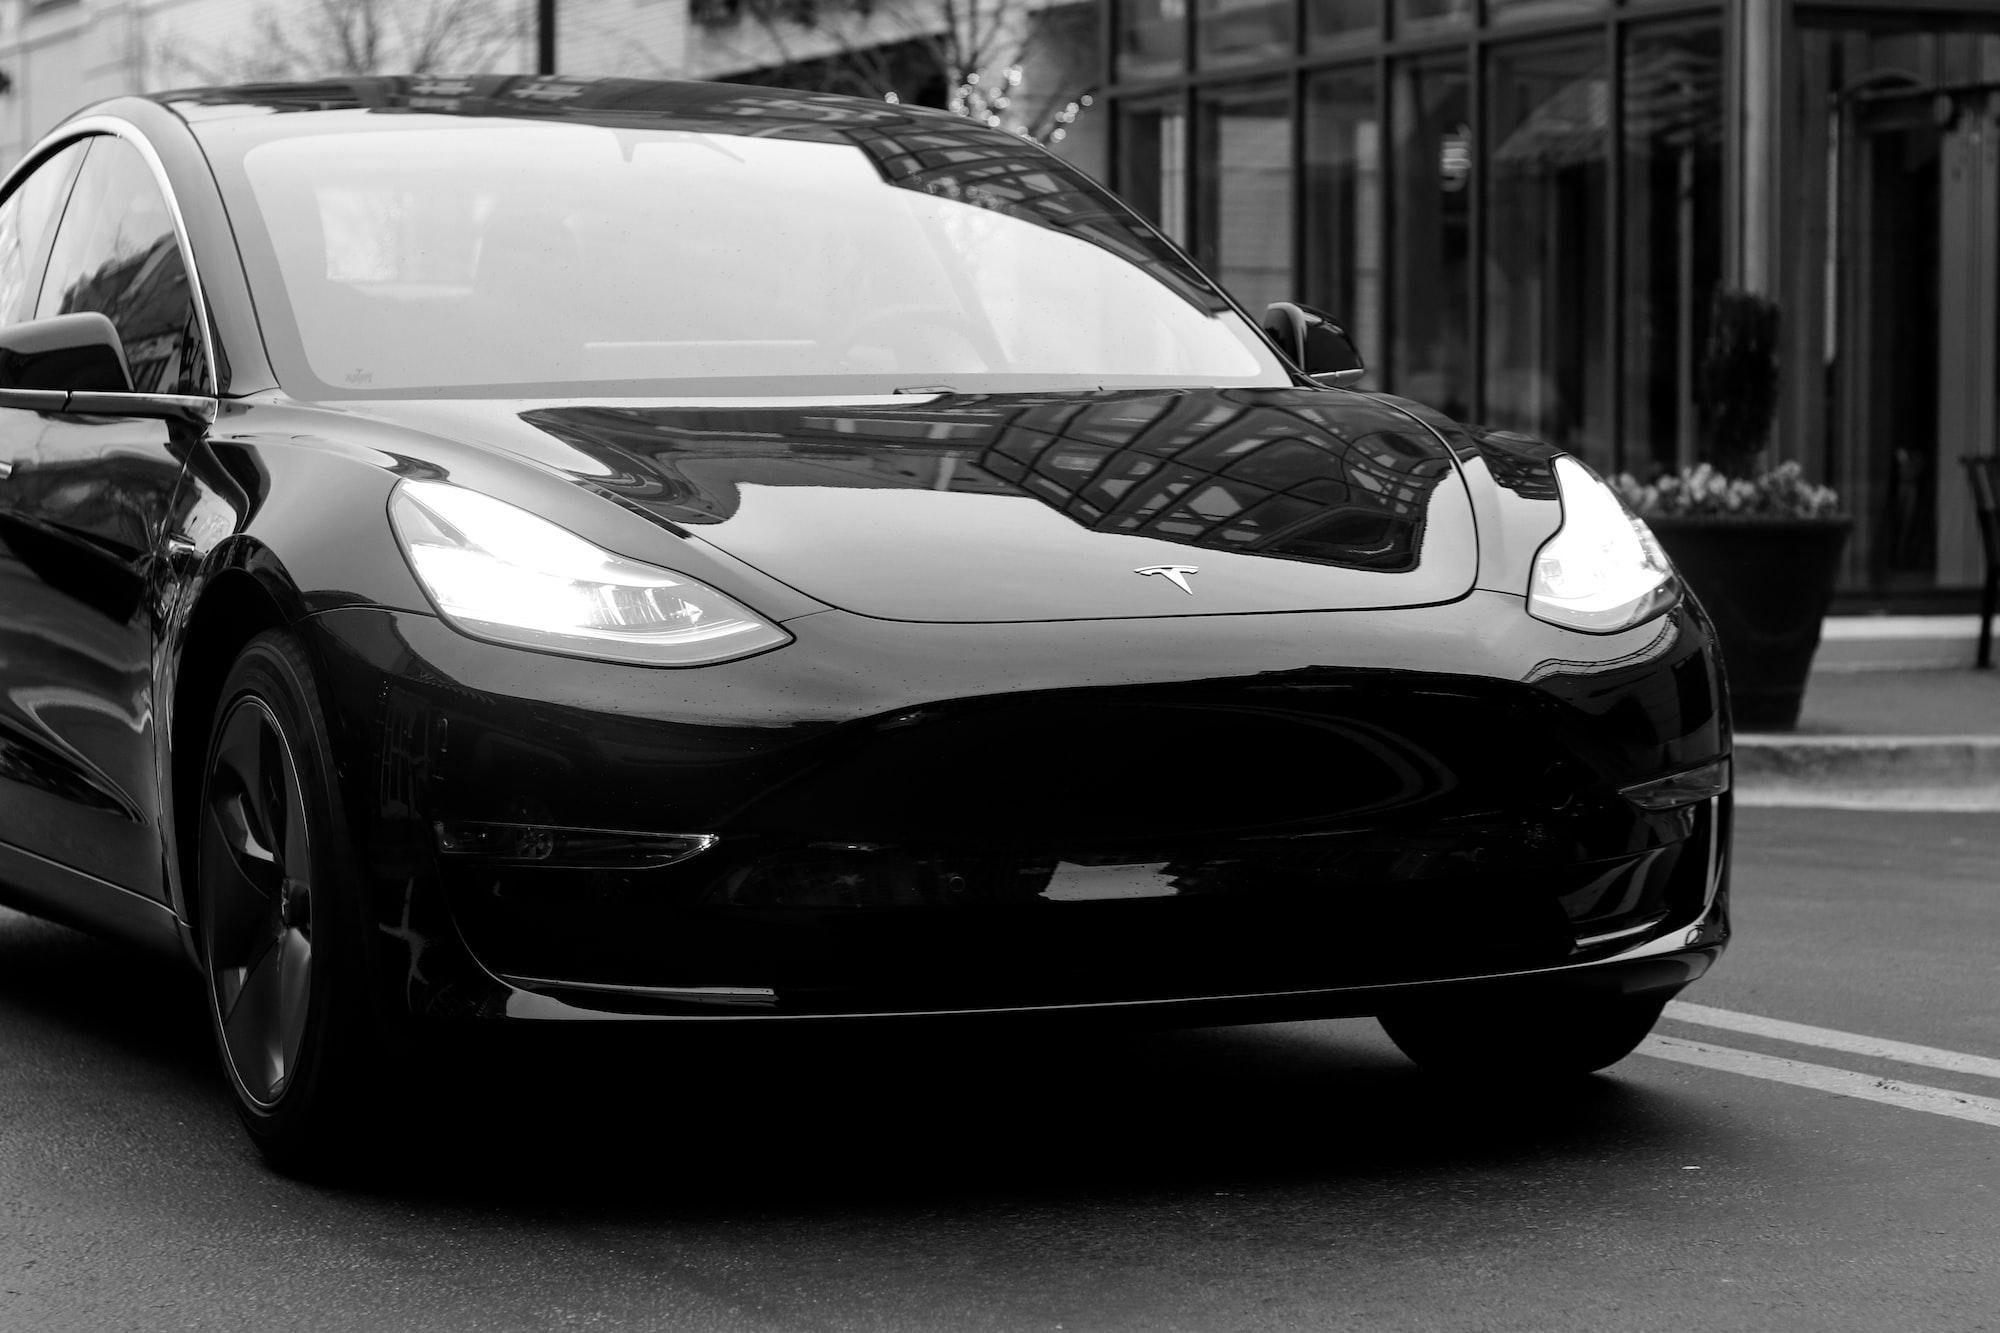 भारतीय बाजार में धूम मचाने को तैयार Tesla की कारें, कारखाना भी खुलेगा